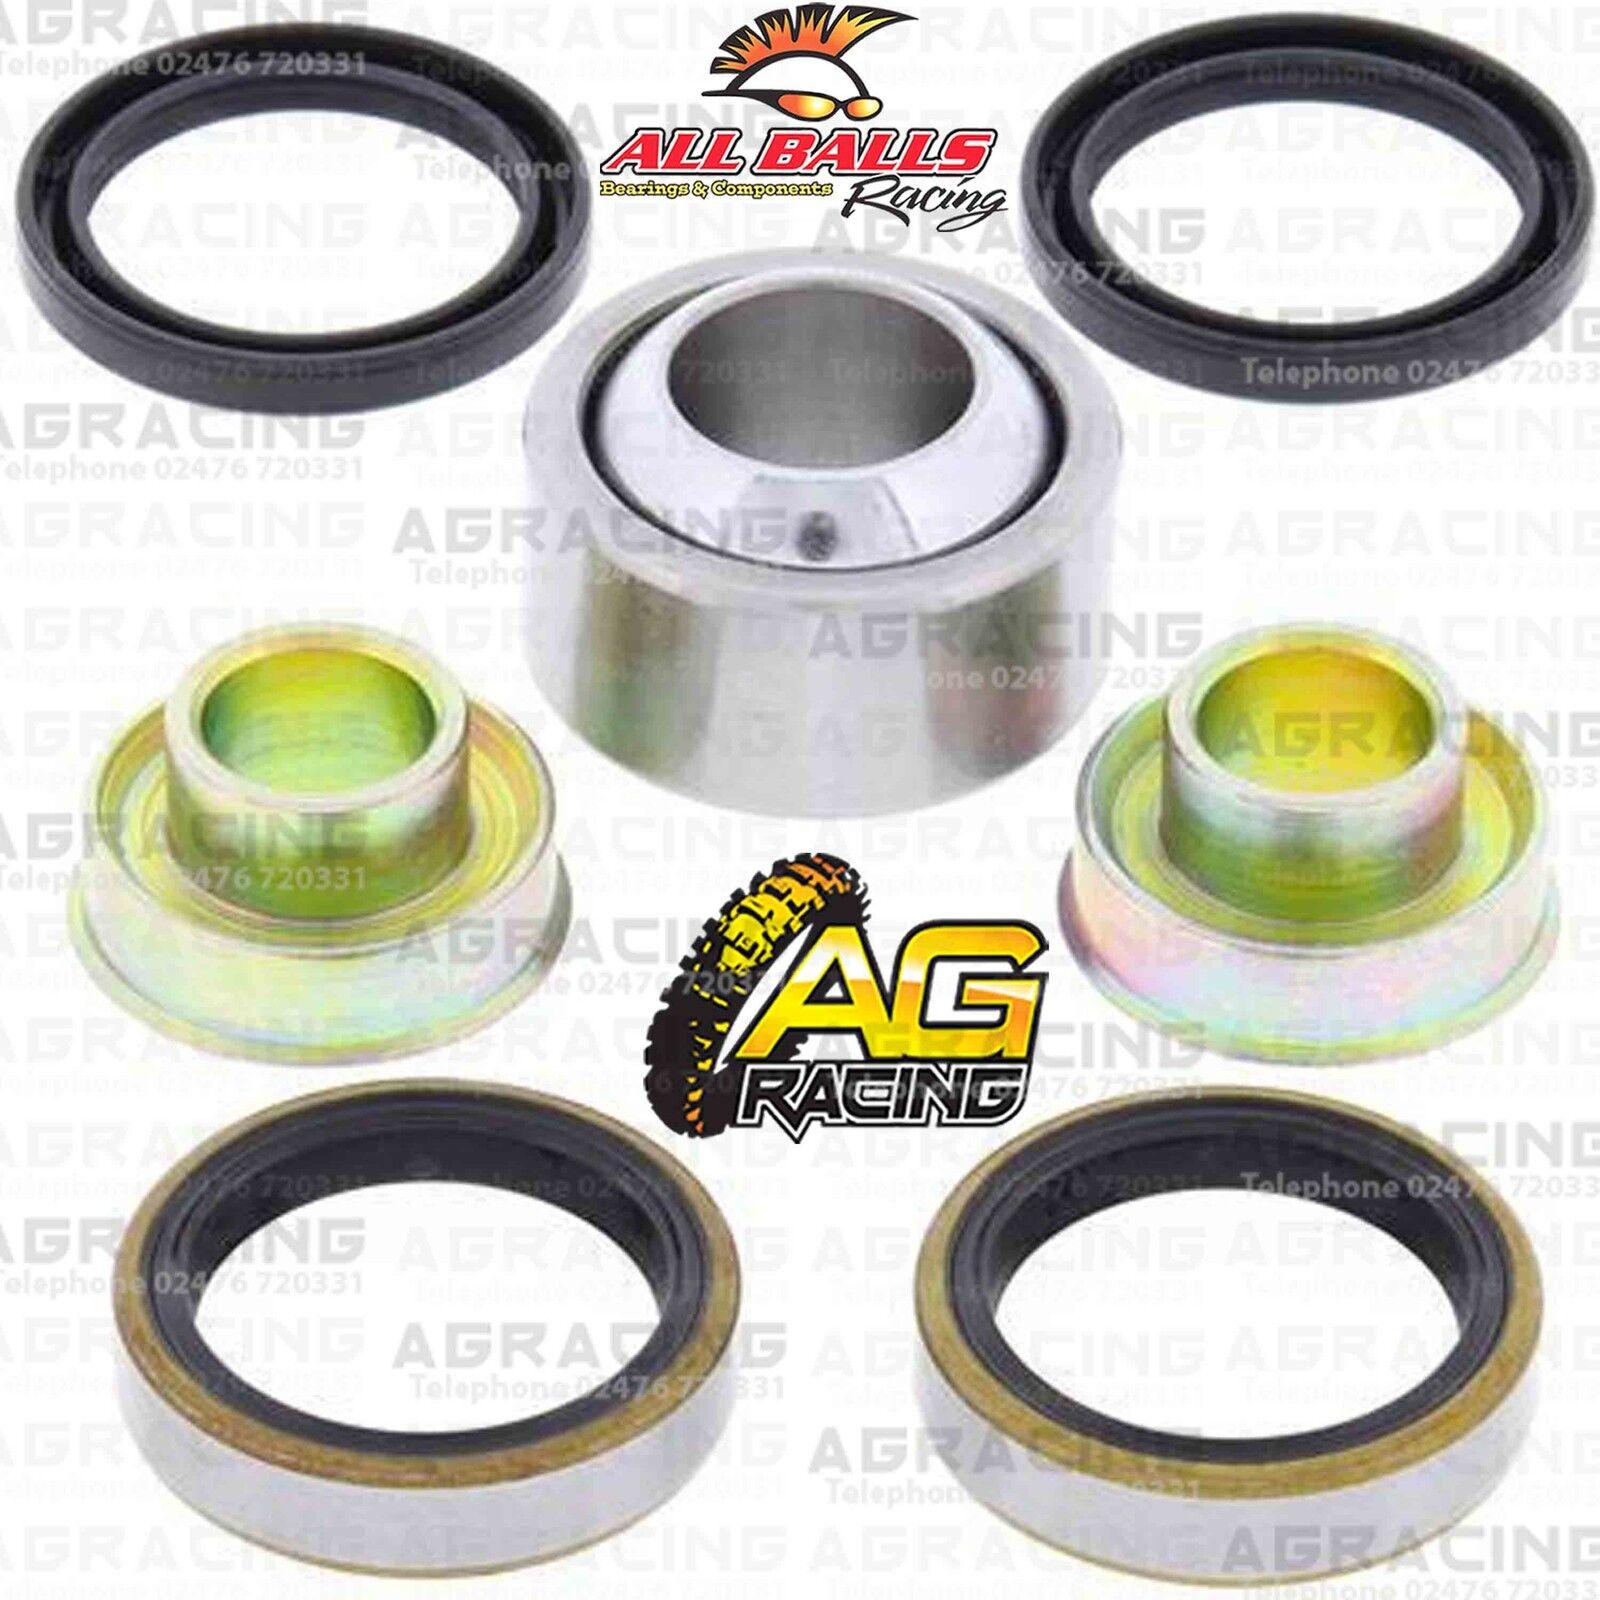 All Balls Fork Bushing Kit For KTM SX 150 2009-2011 09-11 Motocross Enduro New